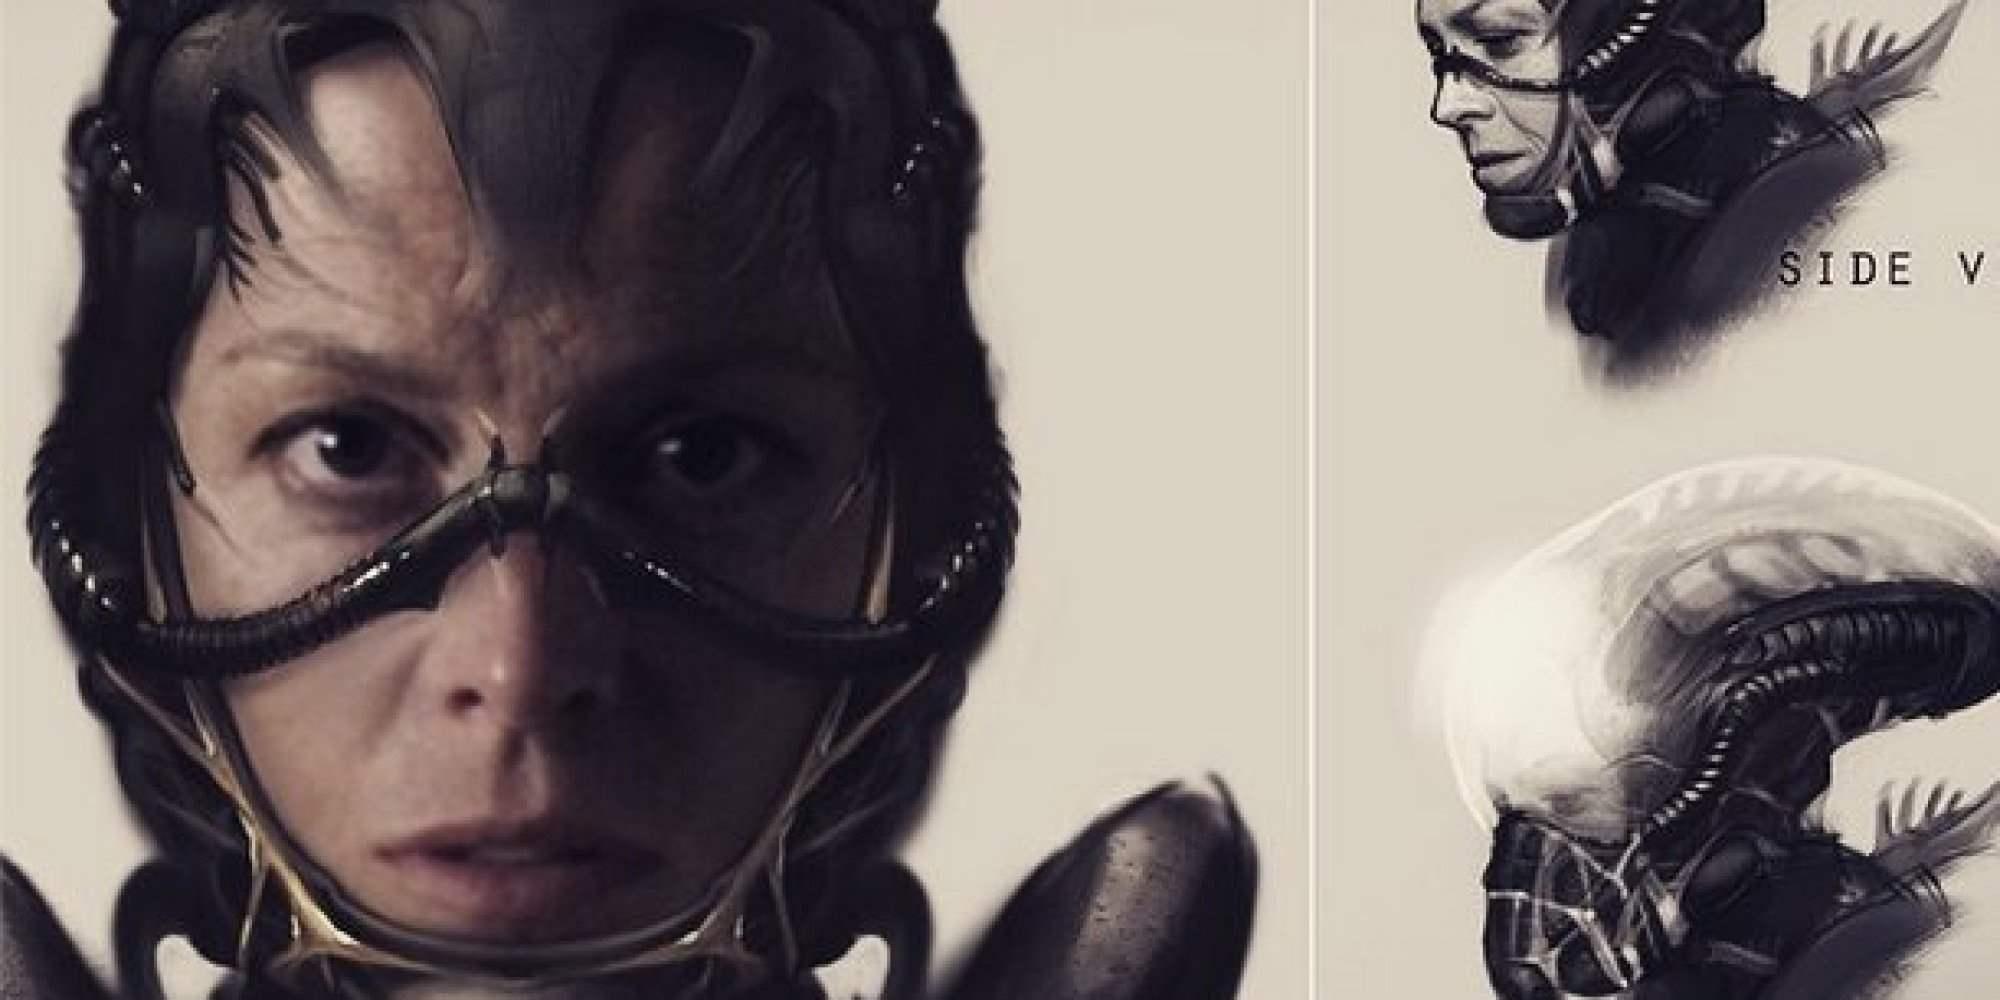 Neill Blomkamp's Alien Artwork